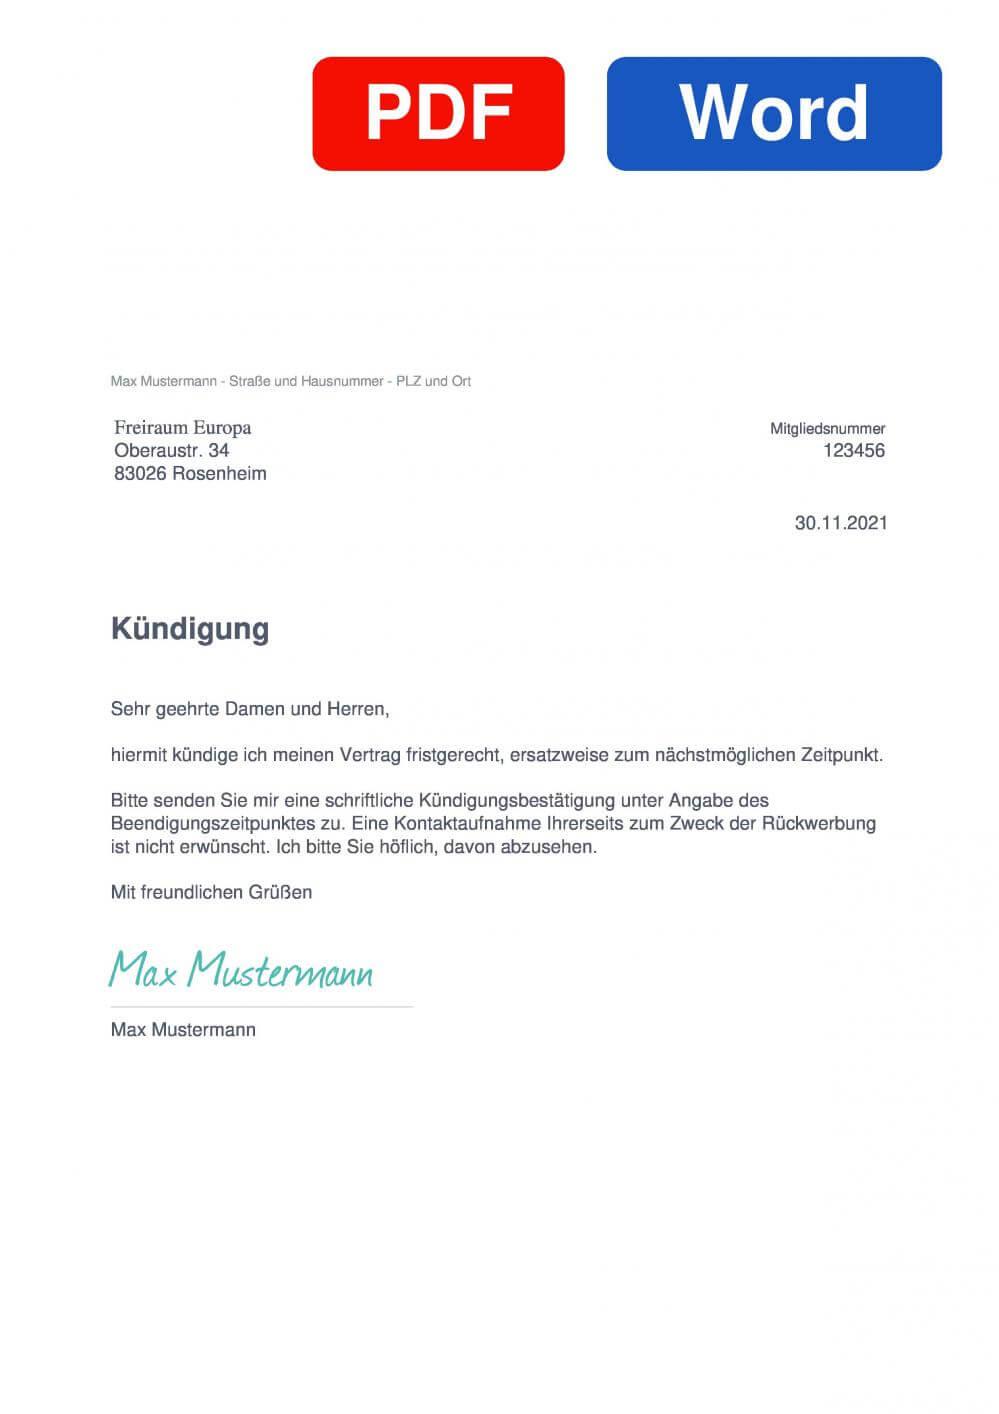 freiraum-europa Muster Vorlage für Kündigungsschreiben